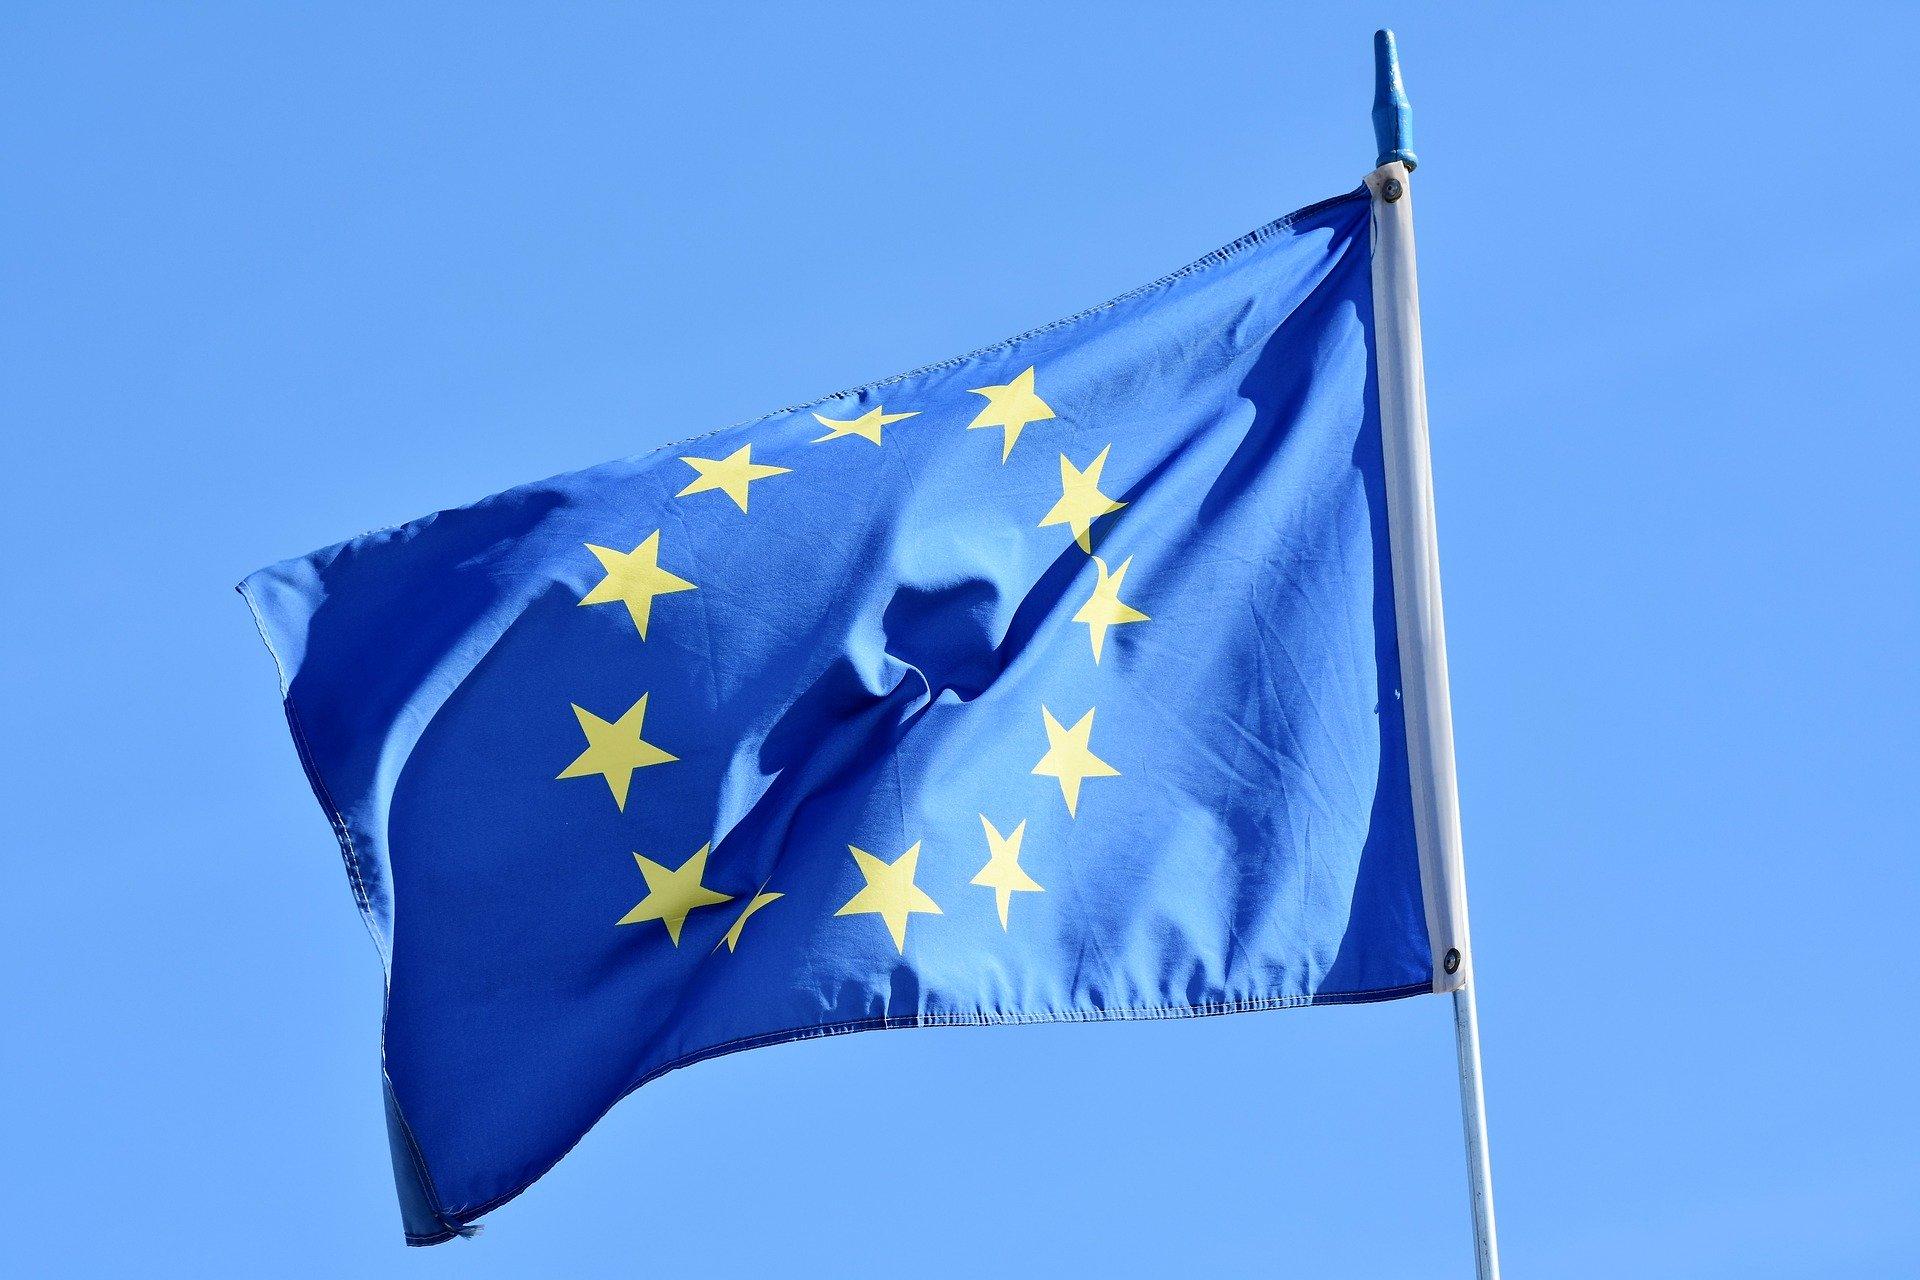 Pour l'UE, pas de cryptomonnaie privée sans réglementation stricte